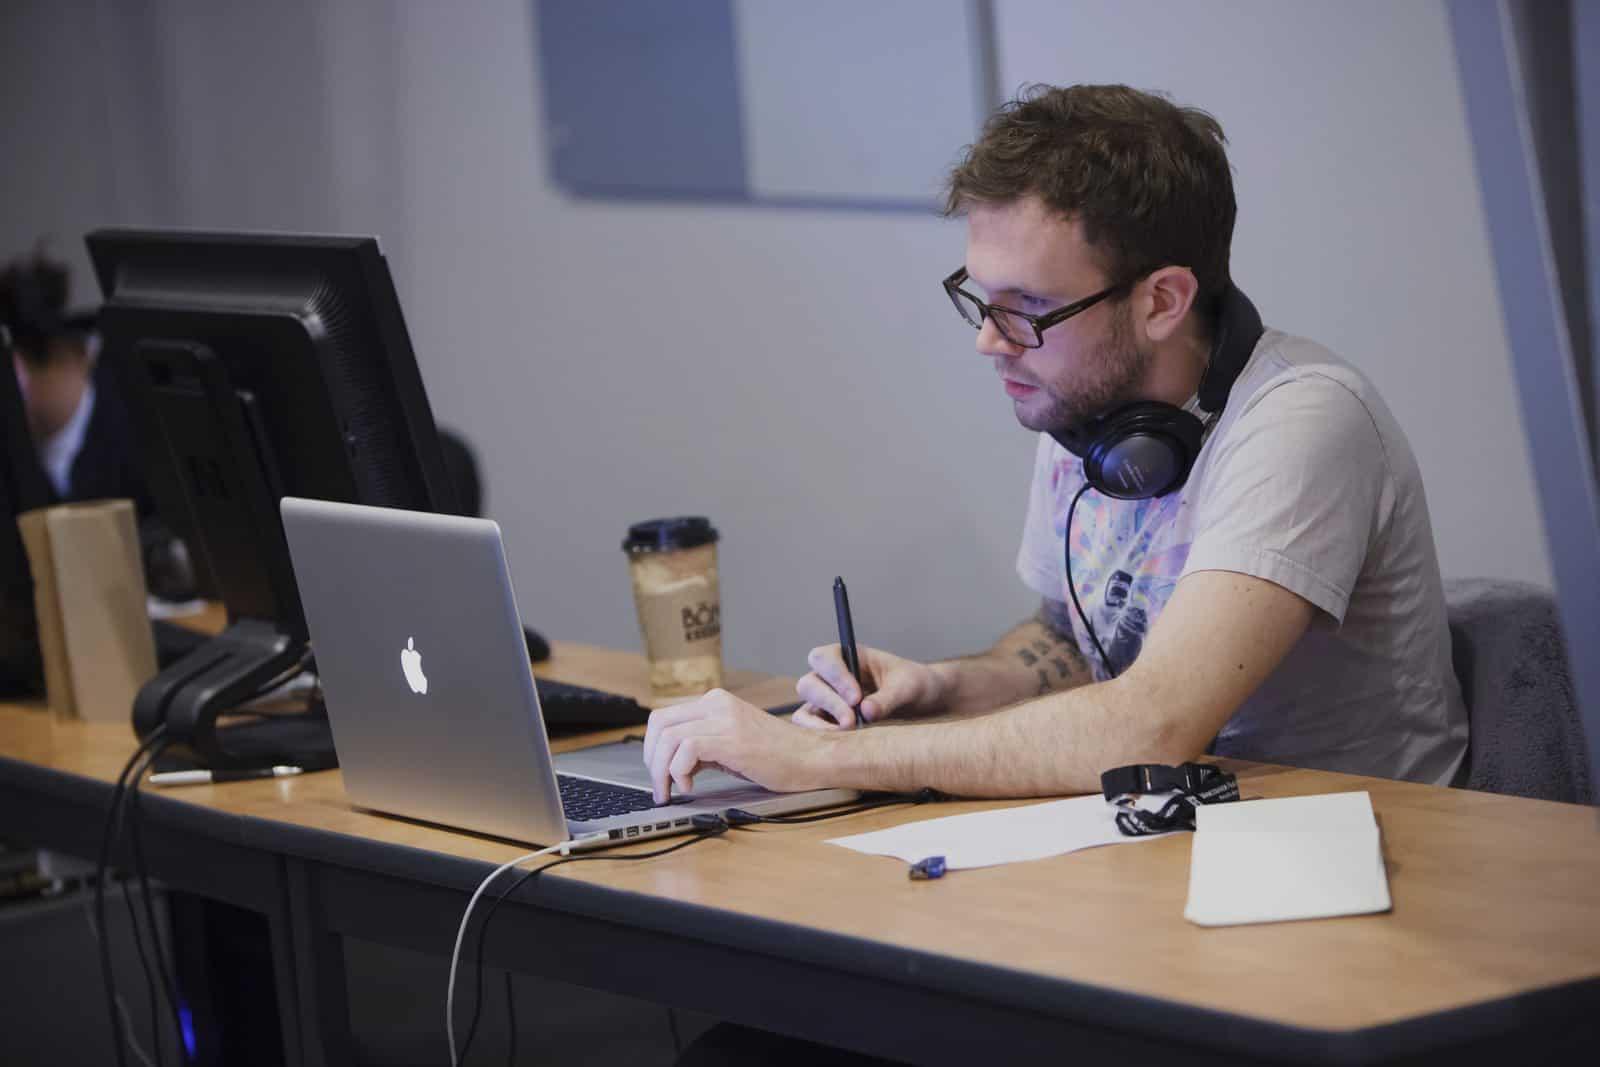 مطلوب موظفين فى شركة wppit.com,رواتب و إمتيازات فريدة من نوعها